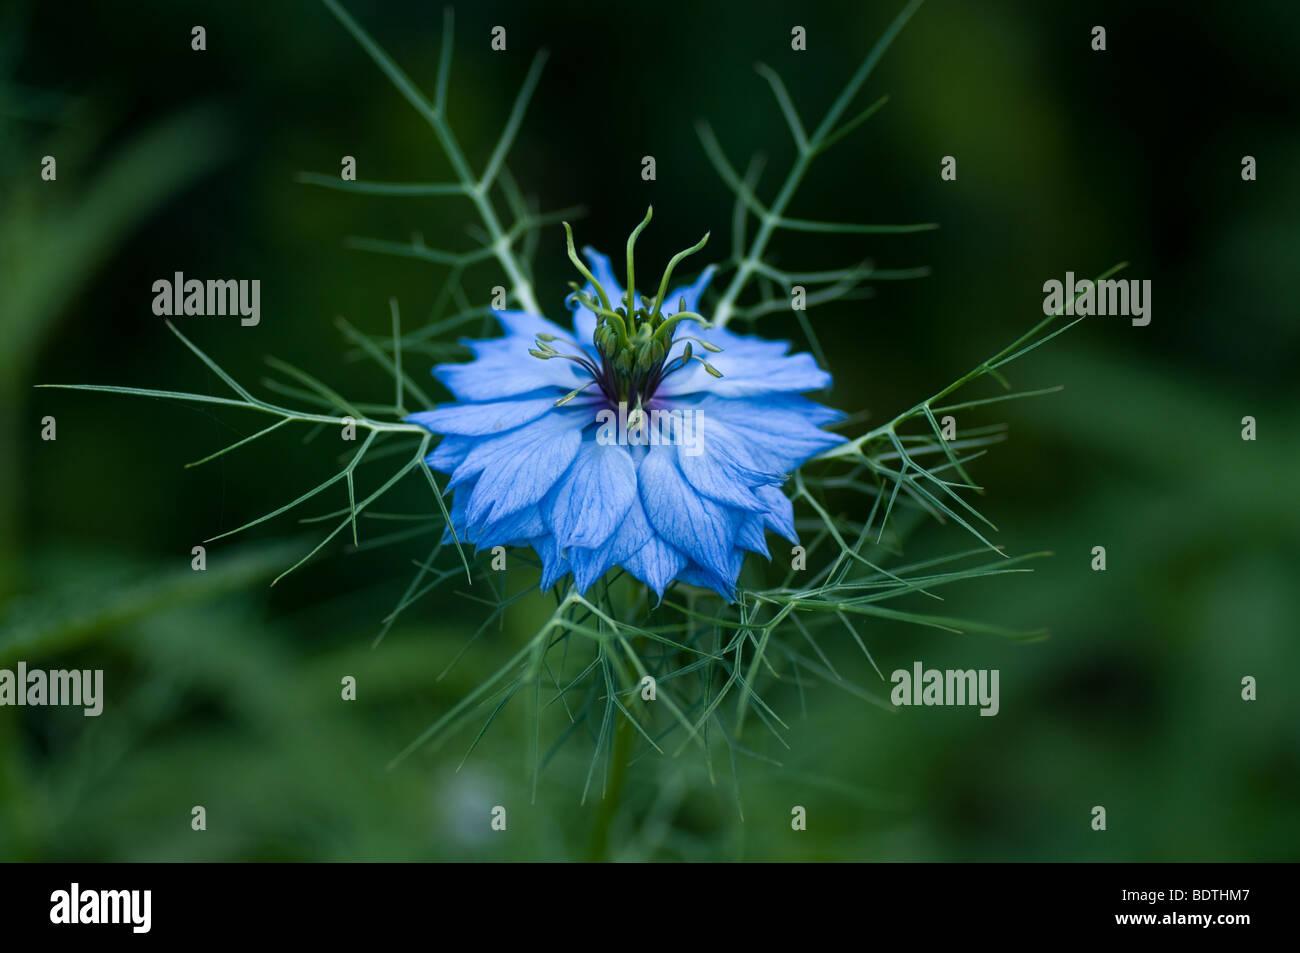 Nigella damascena love-dans-un-mist flower fleur simple avec détail Banque D'Images